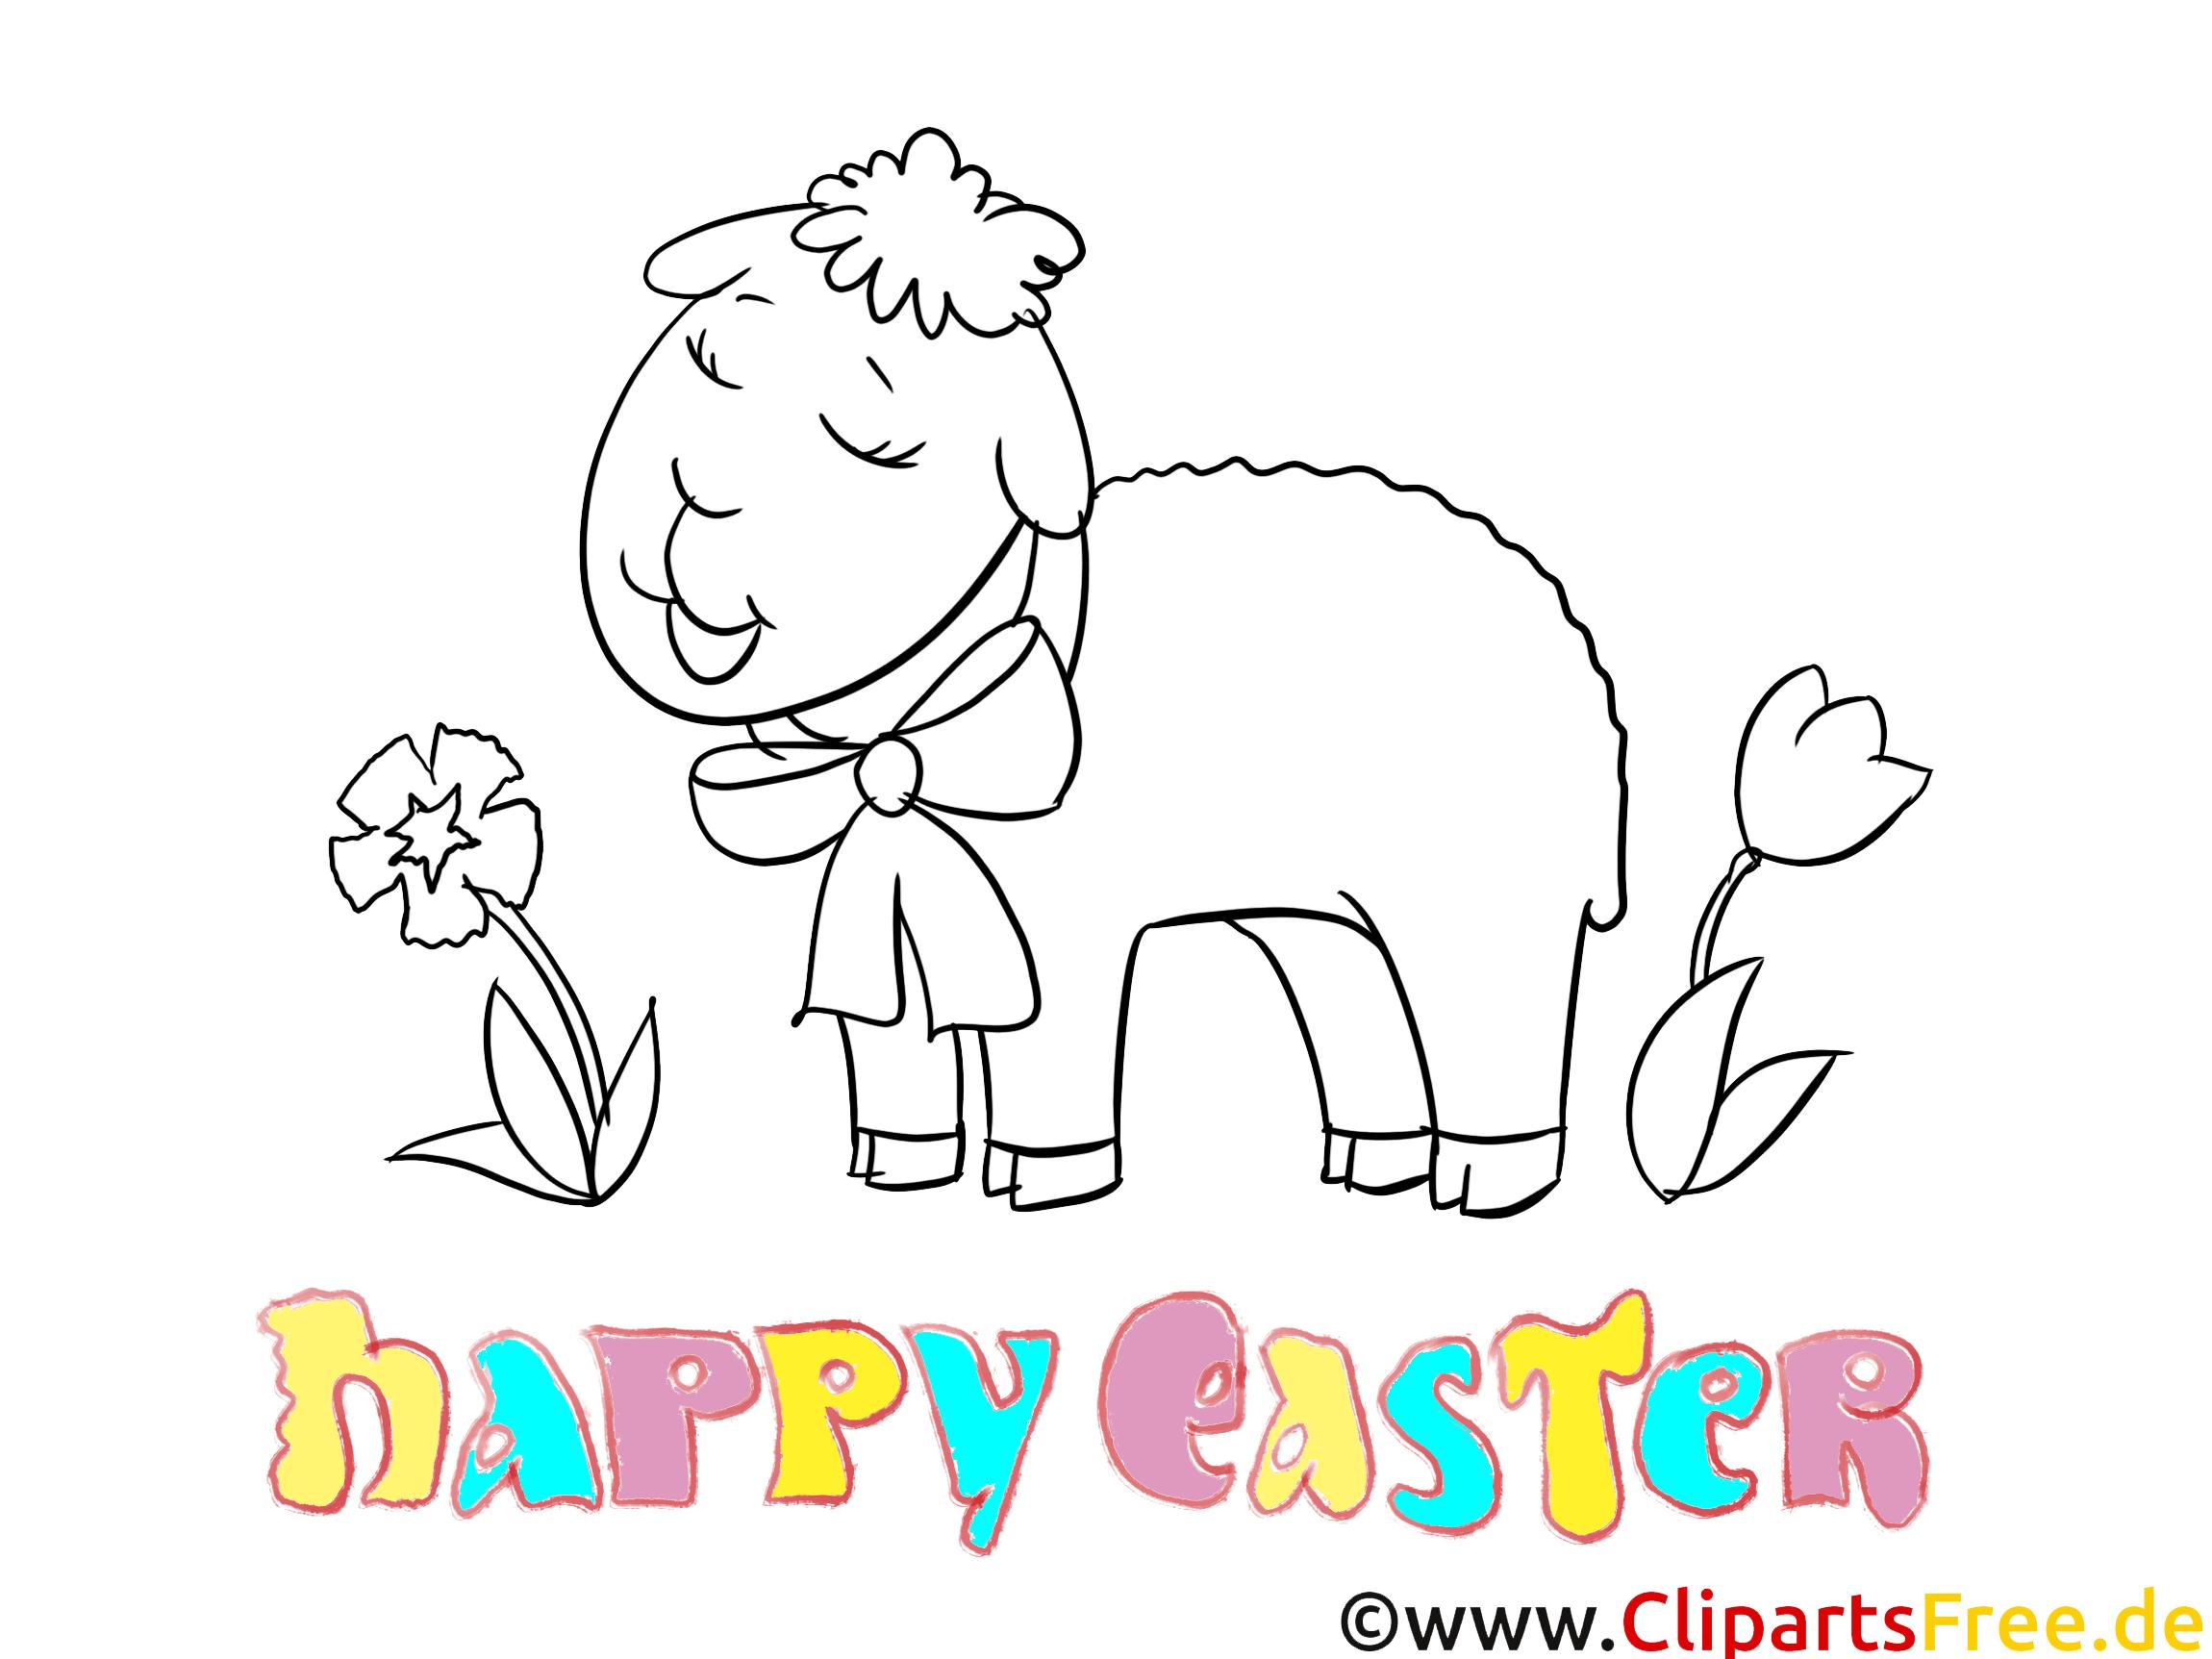 Mal Bilder zu Ostern - Schaf Malbild